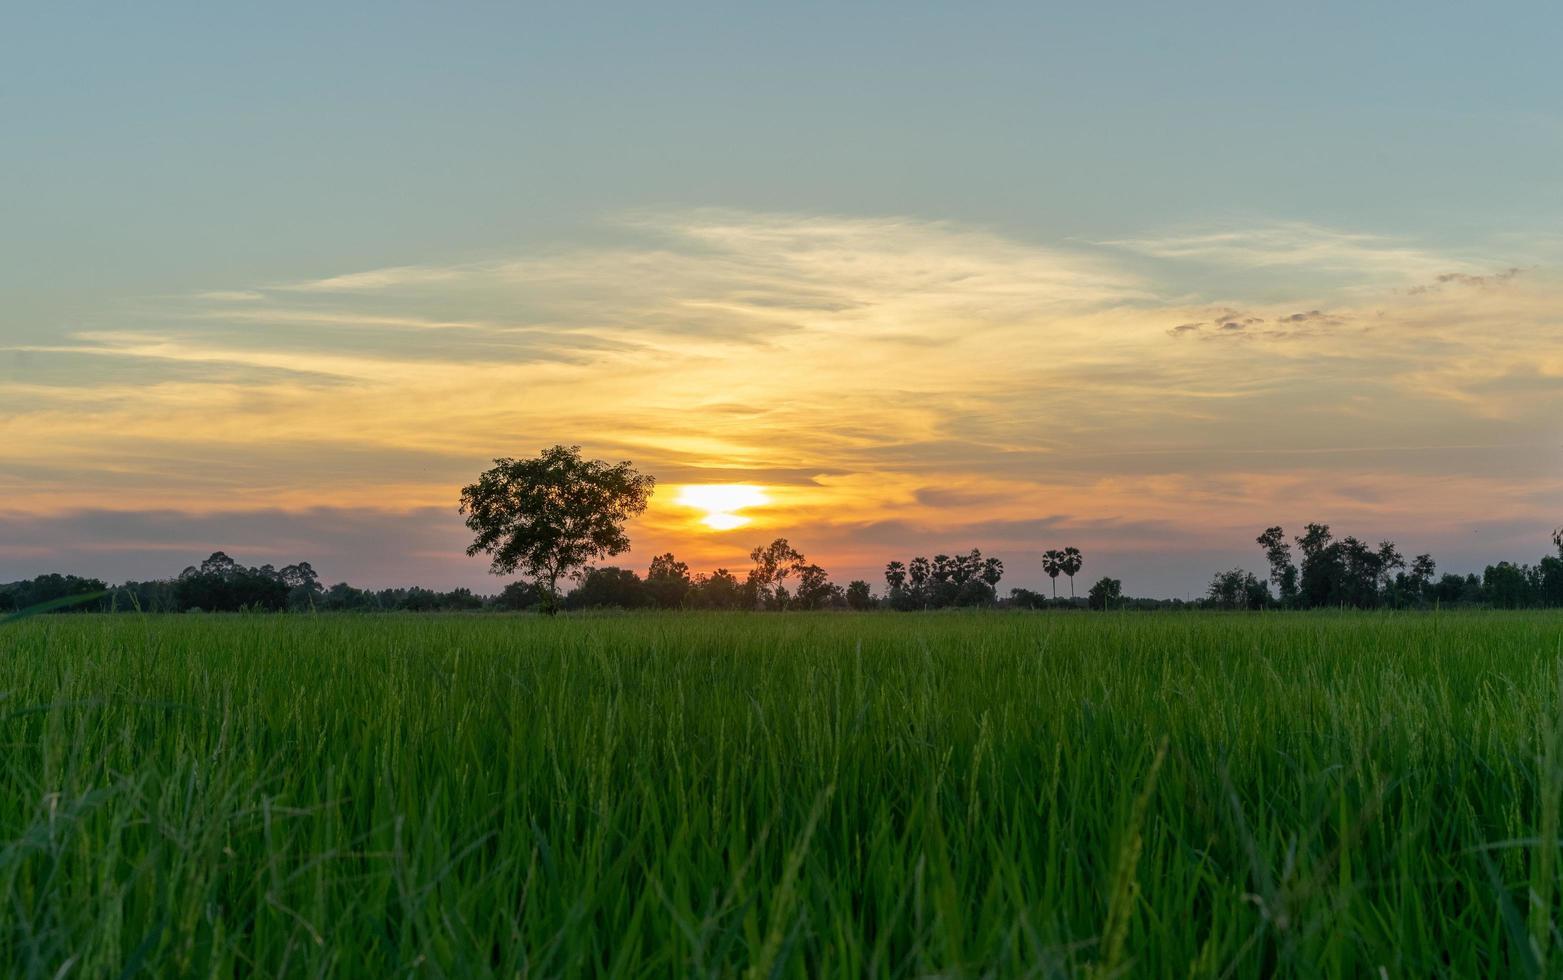 solnedgång över grönt fält foto